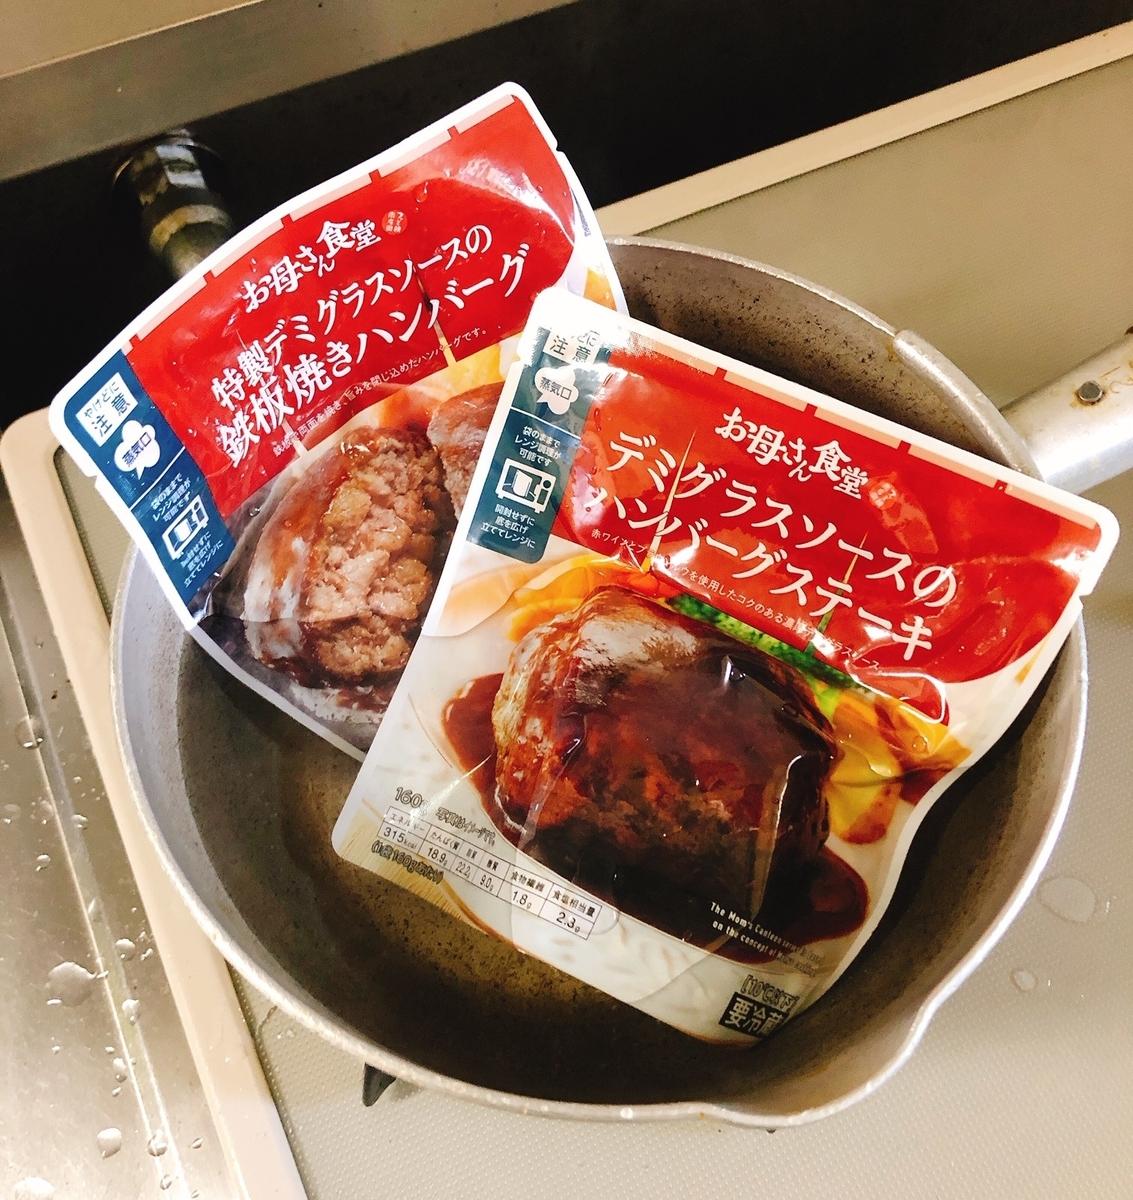 湯煎で加熱中のお母さん食堂のハンバーグ2つ